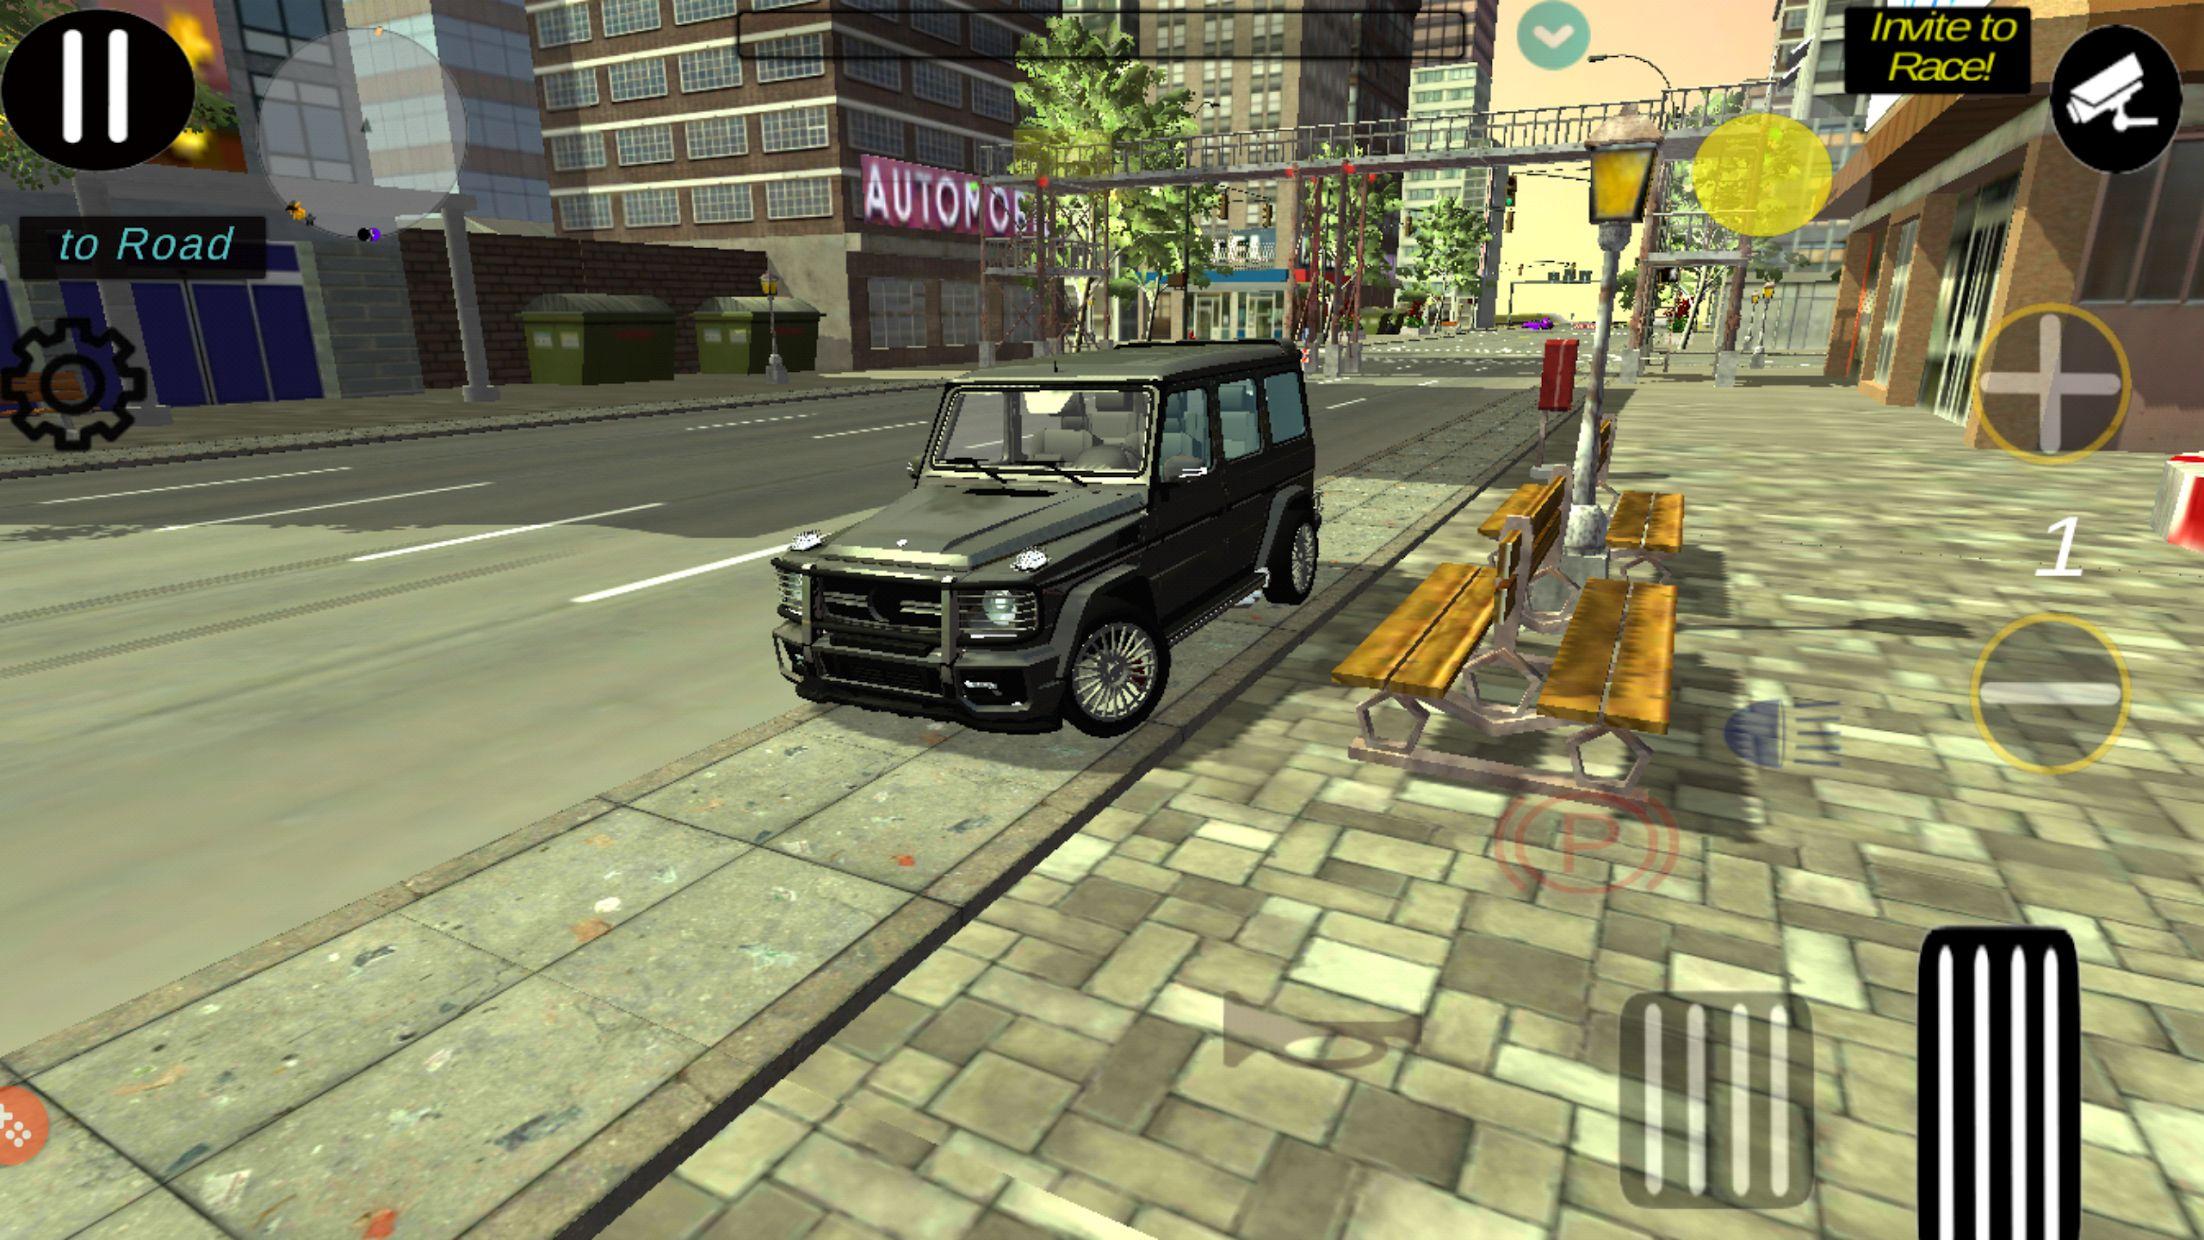 手动挡停车场 联机版(Car Parking Multiplayer) 游戏截图4